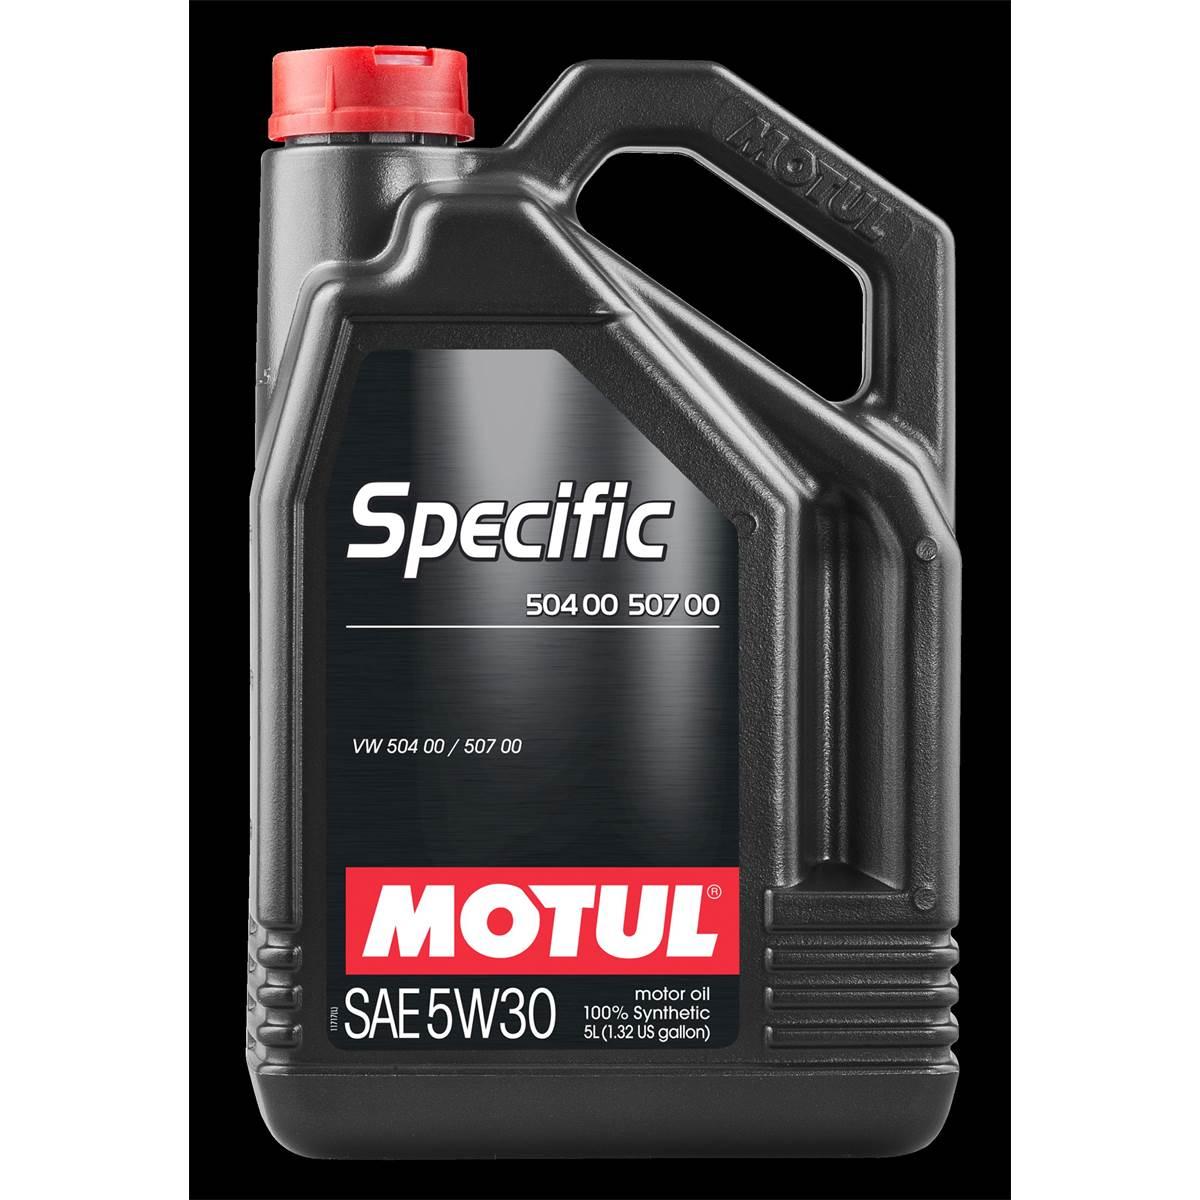 Huile moteur MOTUL SPECIFIC 504 00 507 00 essence/diesel 5W30 5L